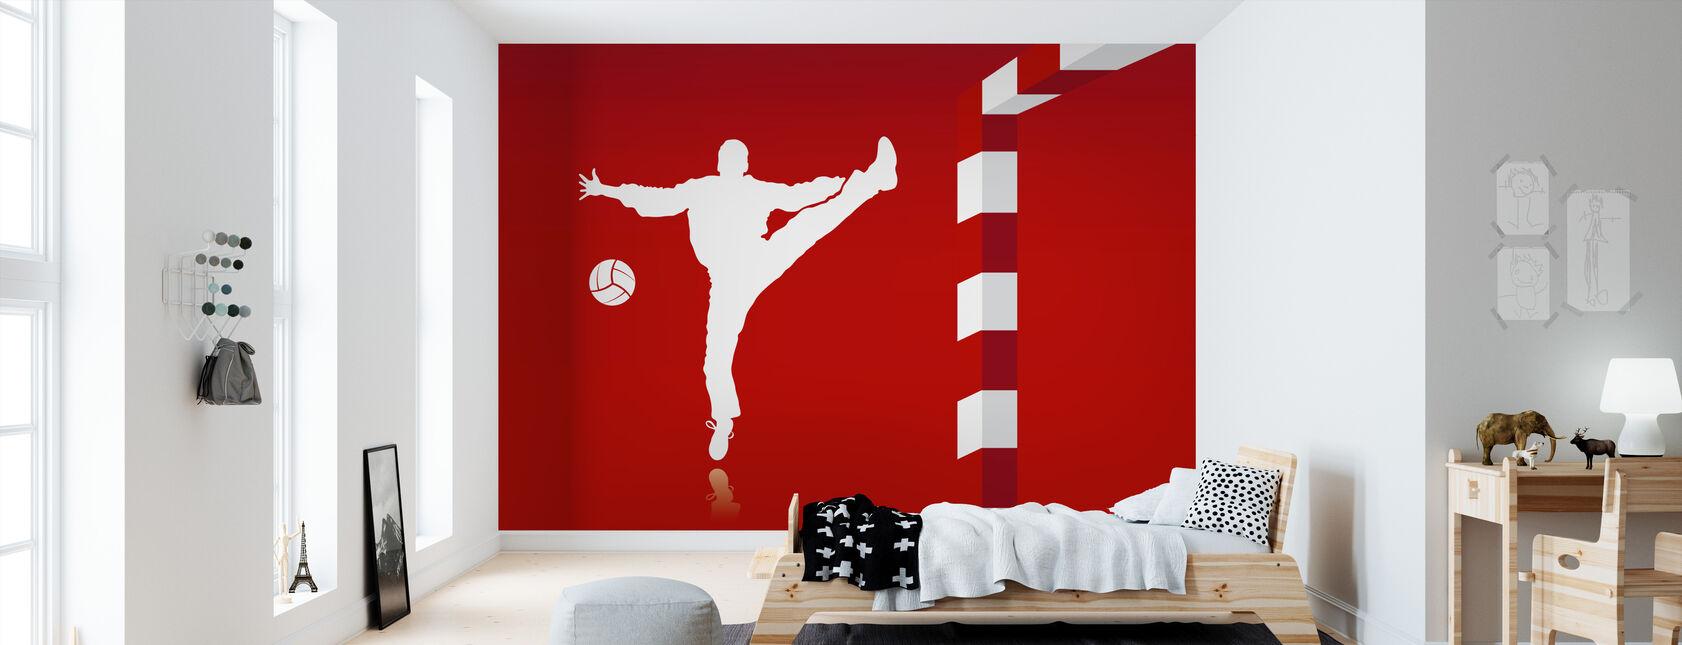 Handball - Red - Wallpaper - Kids Room